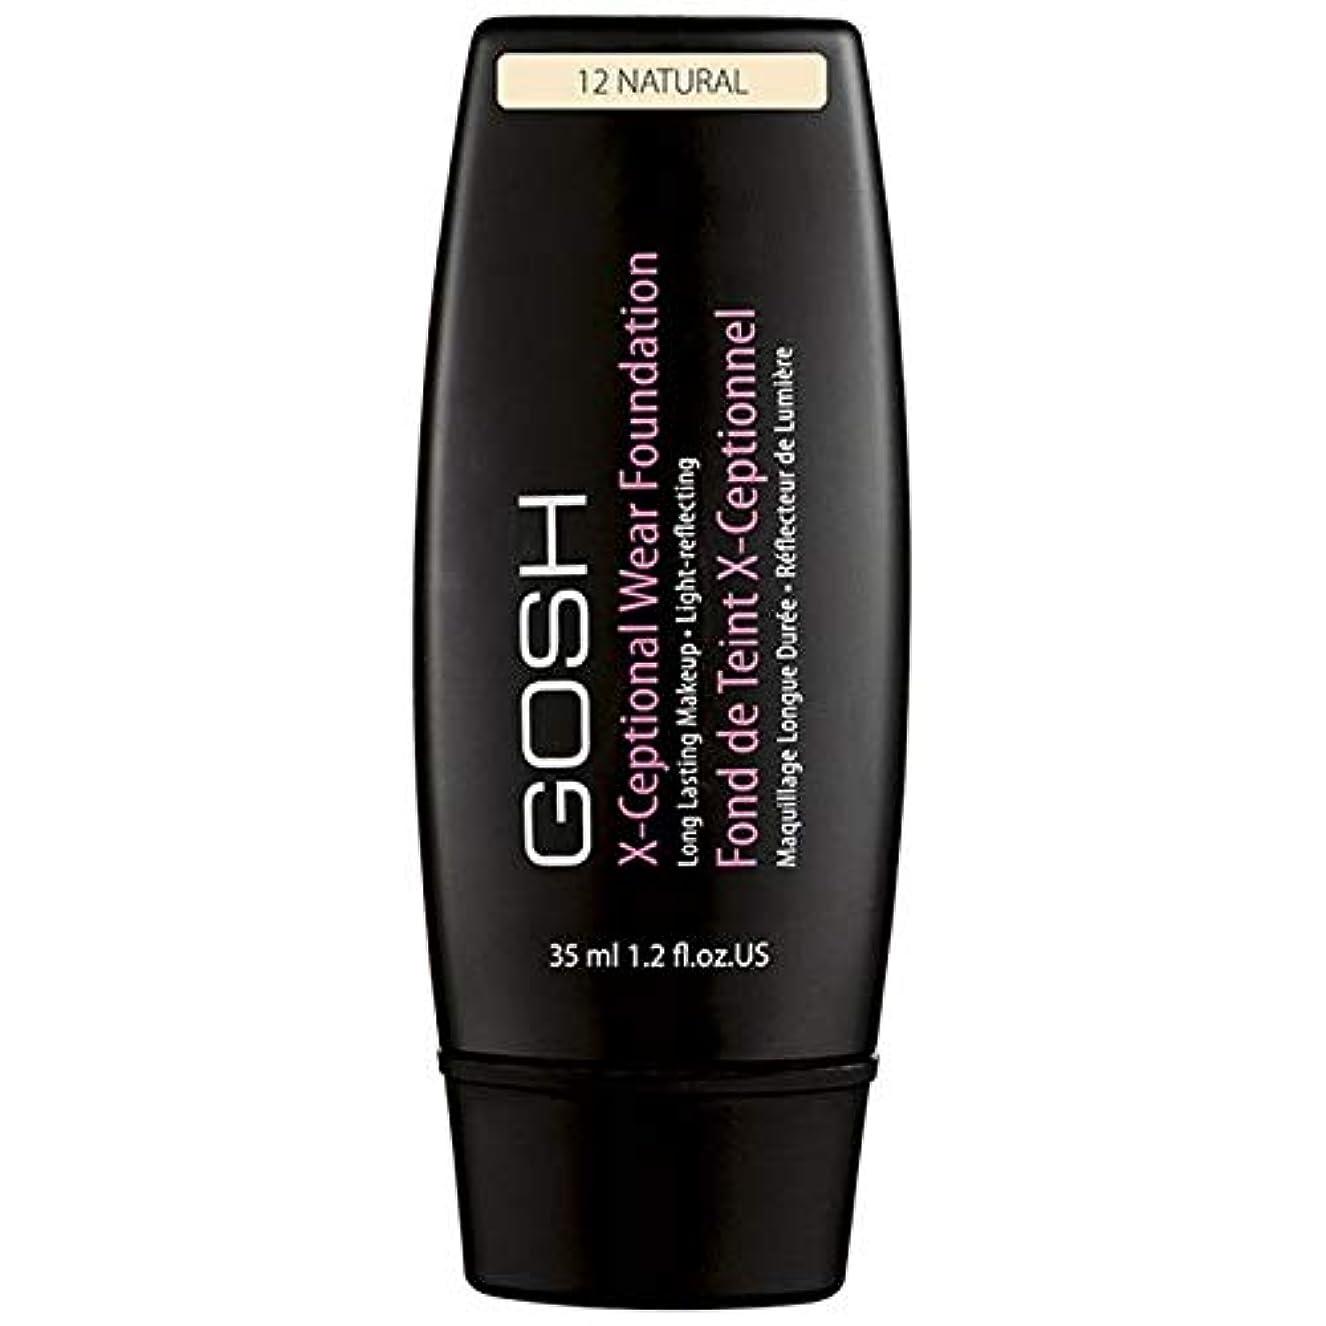 抹消傾くアレルギー[GOSH ] おやっX-Ceptionalナチュラル12を構成して着用 - Gosh X-Ceptional Wear Make Up Natural 12 [並行輸入品]